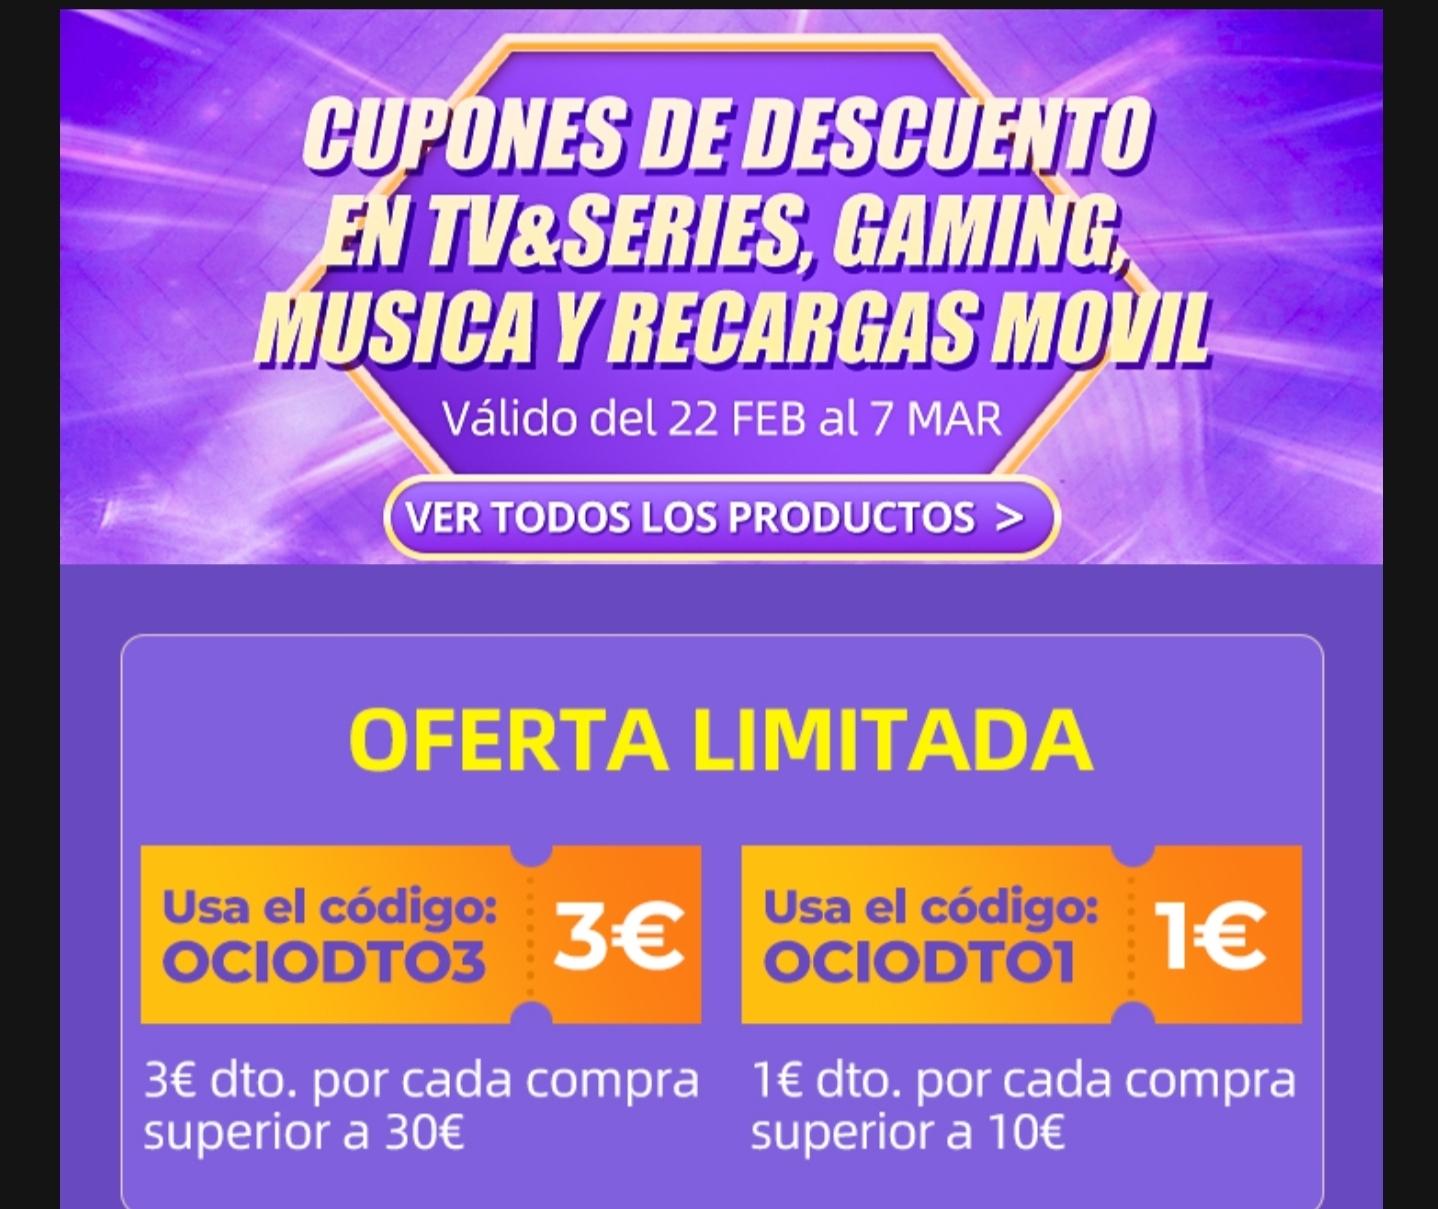 Cupones descuento AliExpress en TV&Series, Gaming, Música y recargas móvil.